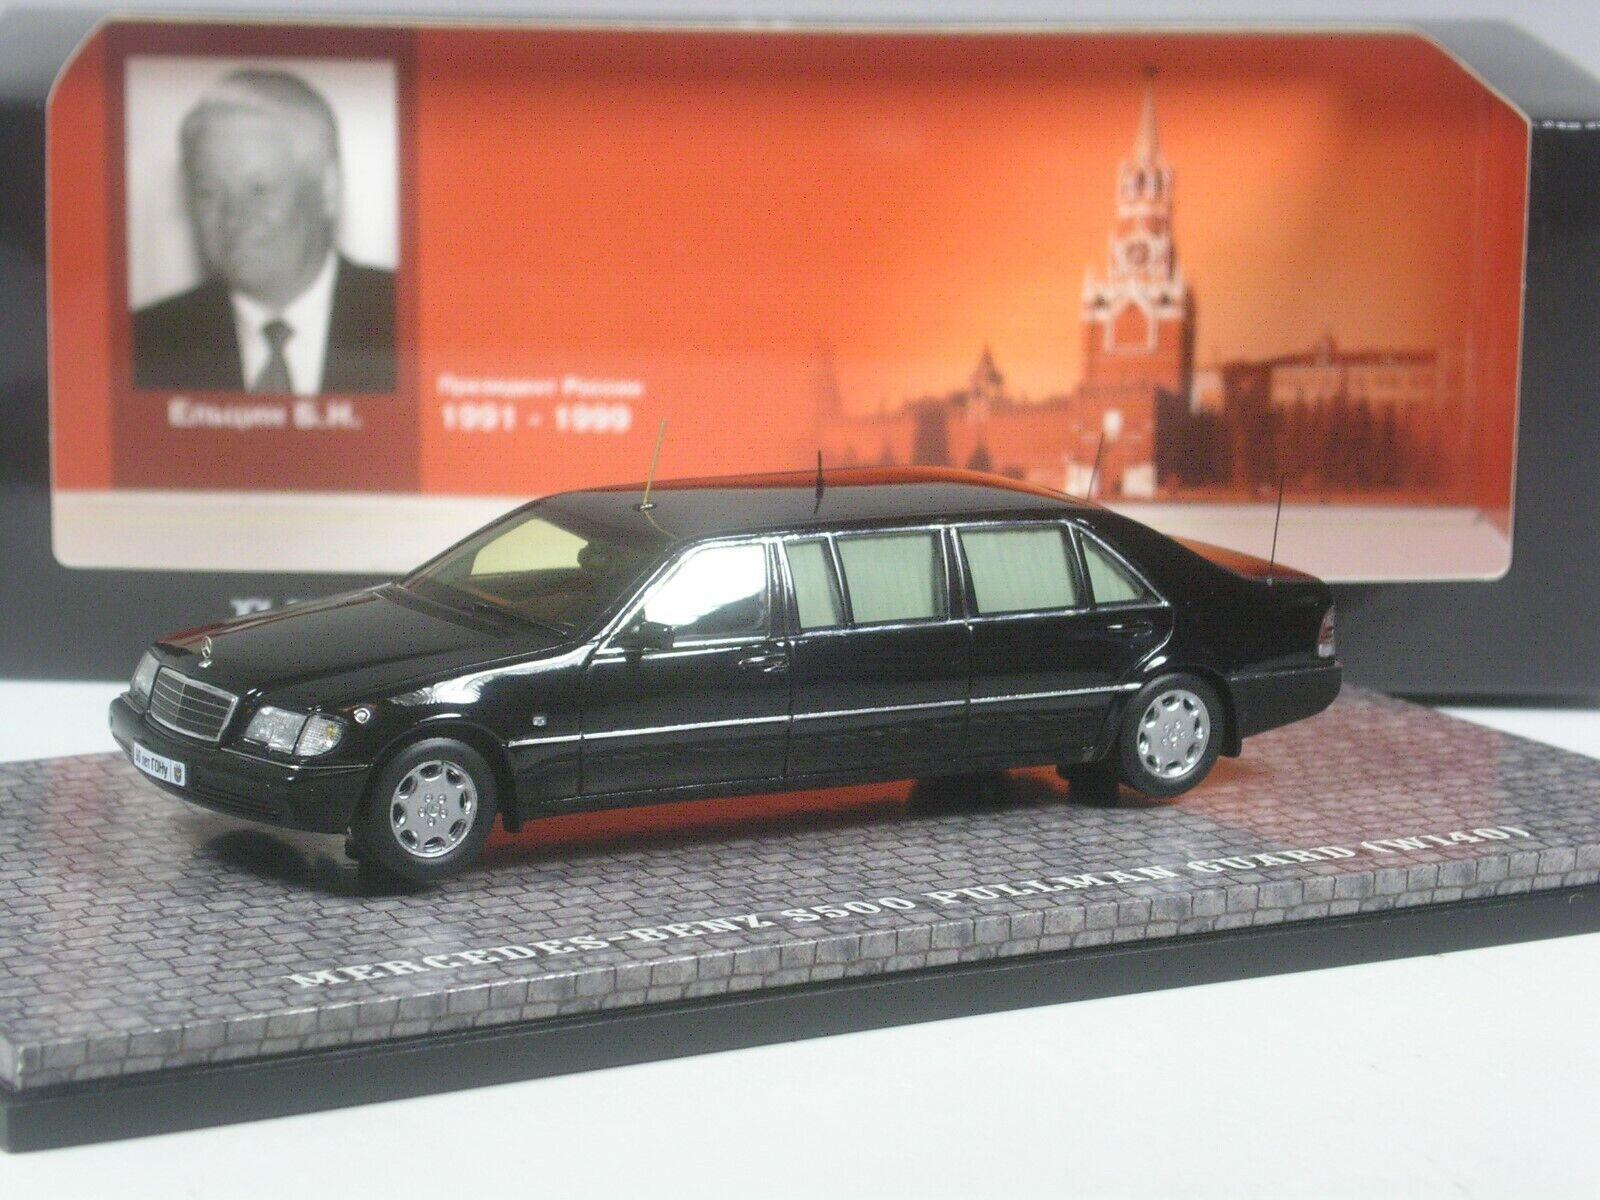 Hotel Mercedes s 500 Pullman Boris gelzin San Petersburgo a una velocidad de 1  43